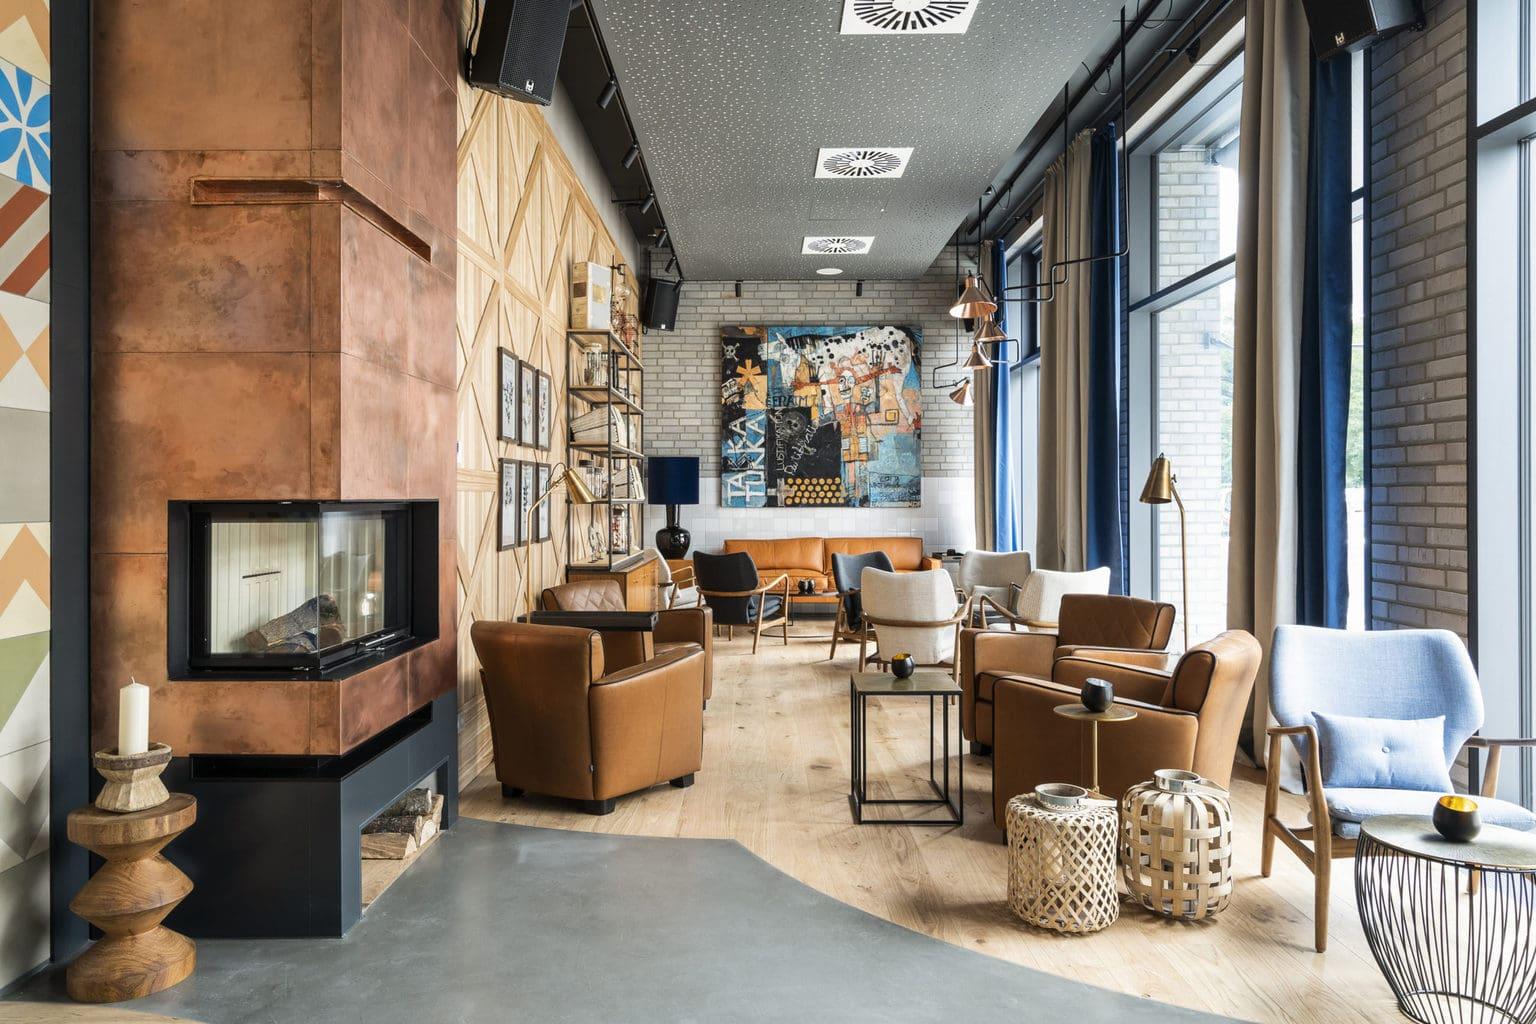 De excentrieke lobby van Hotel Freigeist in het Duitse Göttingen